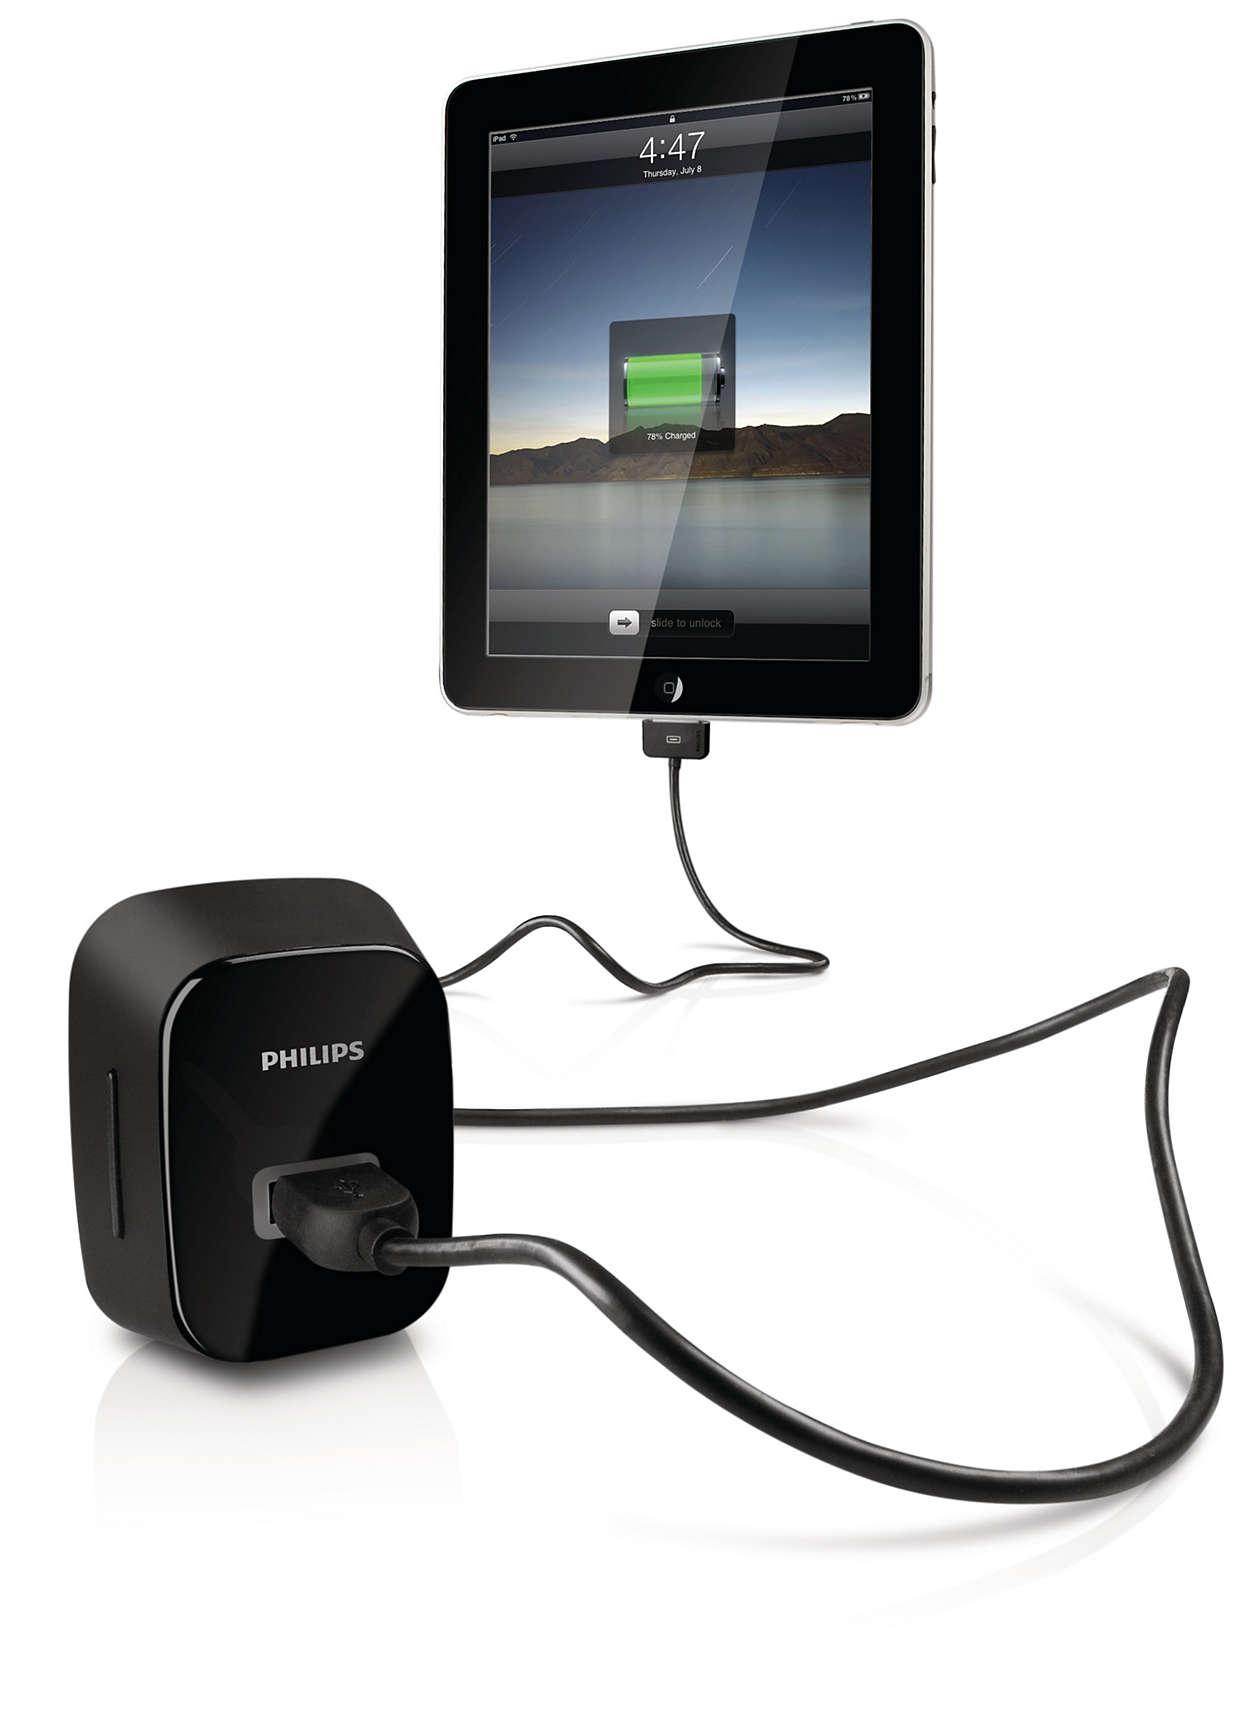 Nabíjejte zařízení iPad, iPhone a iPod